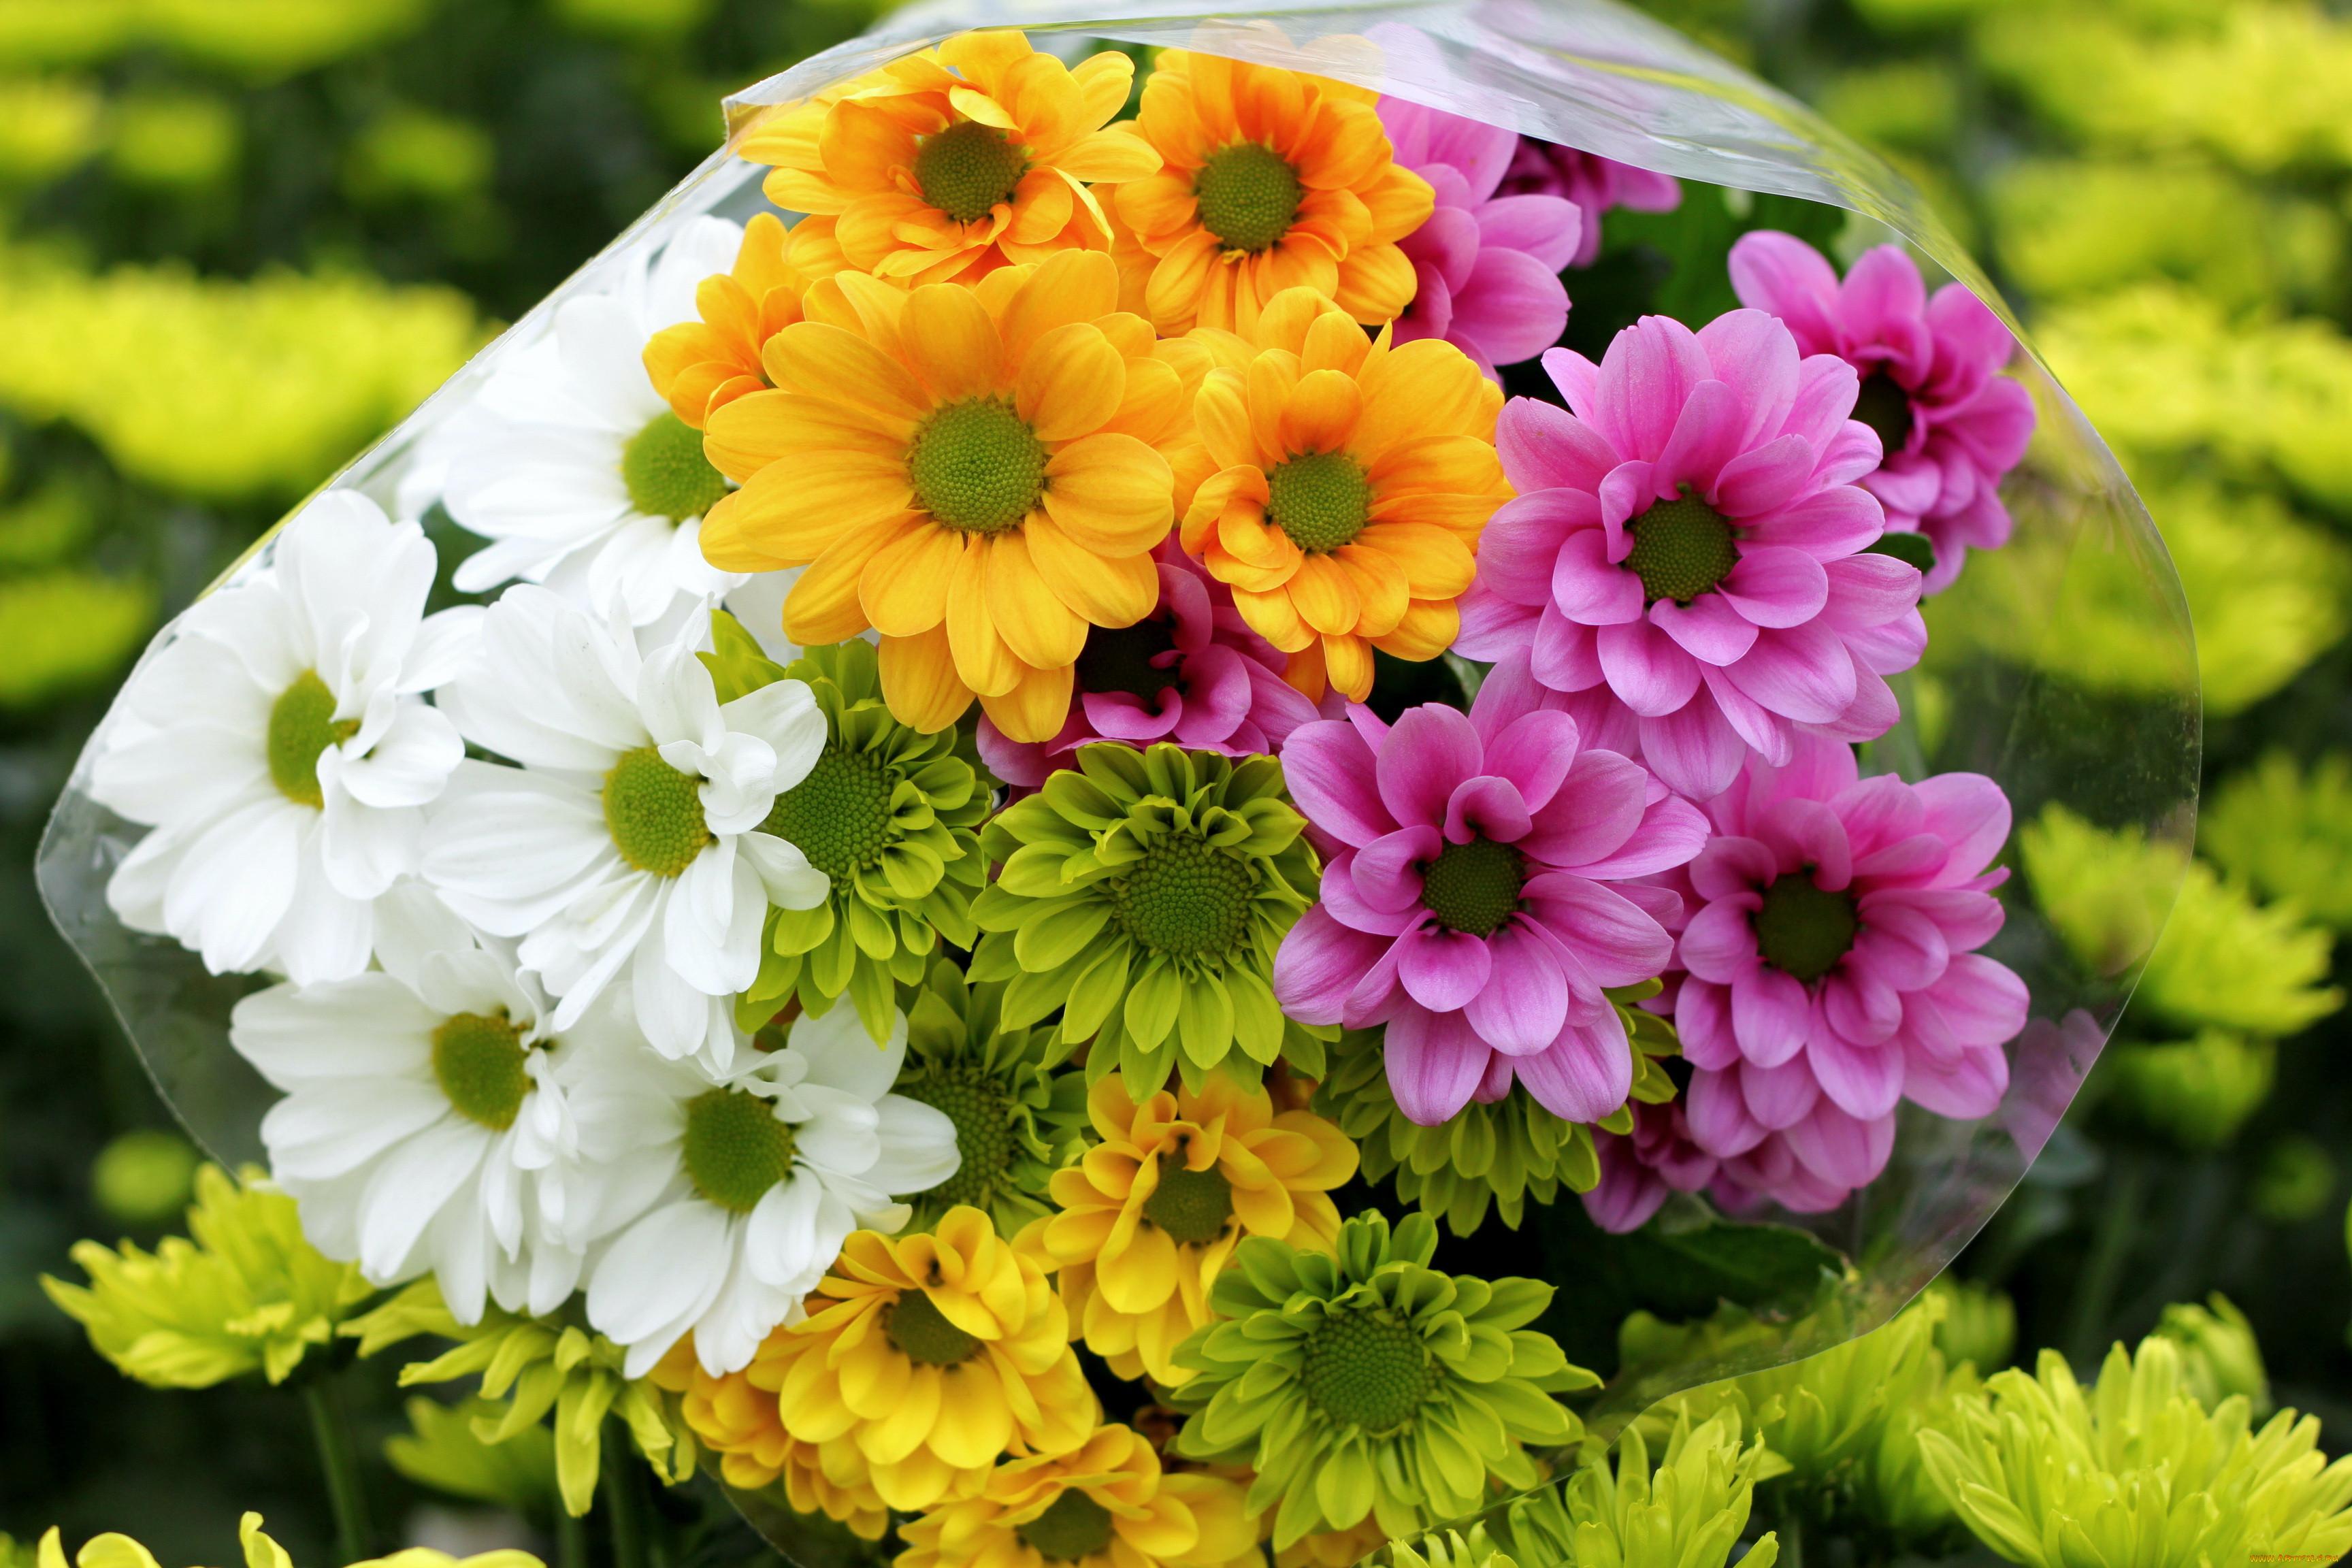 Обои на рабочий стол Цветы хризантемы   подборка (13)